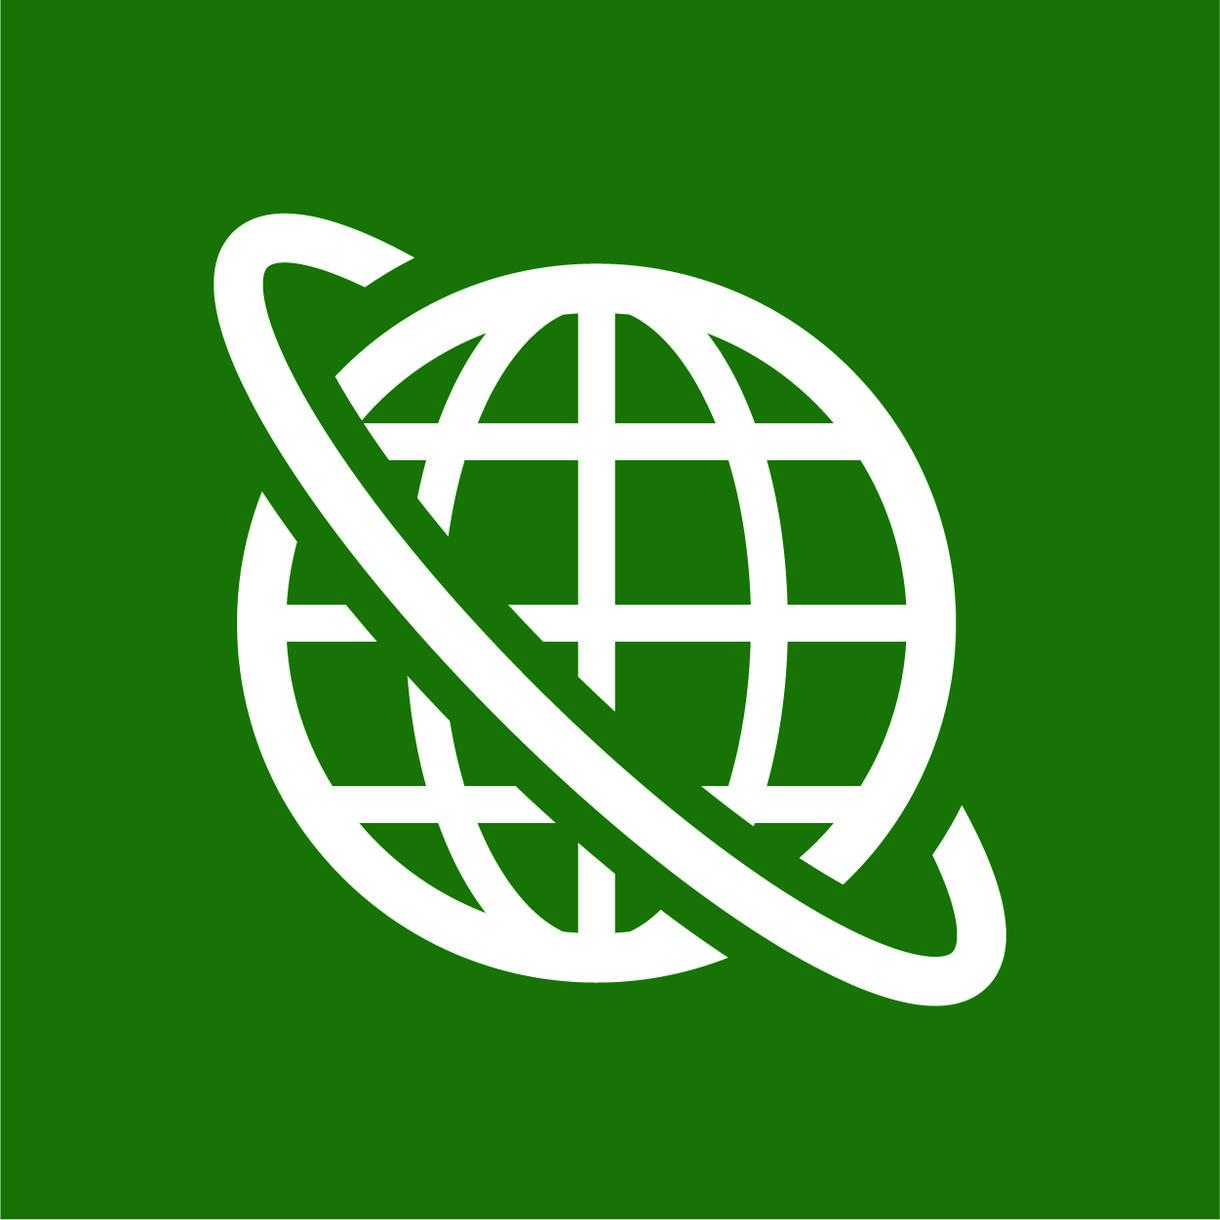 海外調査・リサーチ、テストマーケティングを承ります 海外調査・テストマーケティング(北米・欧州・ASEANなど) イメージ1